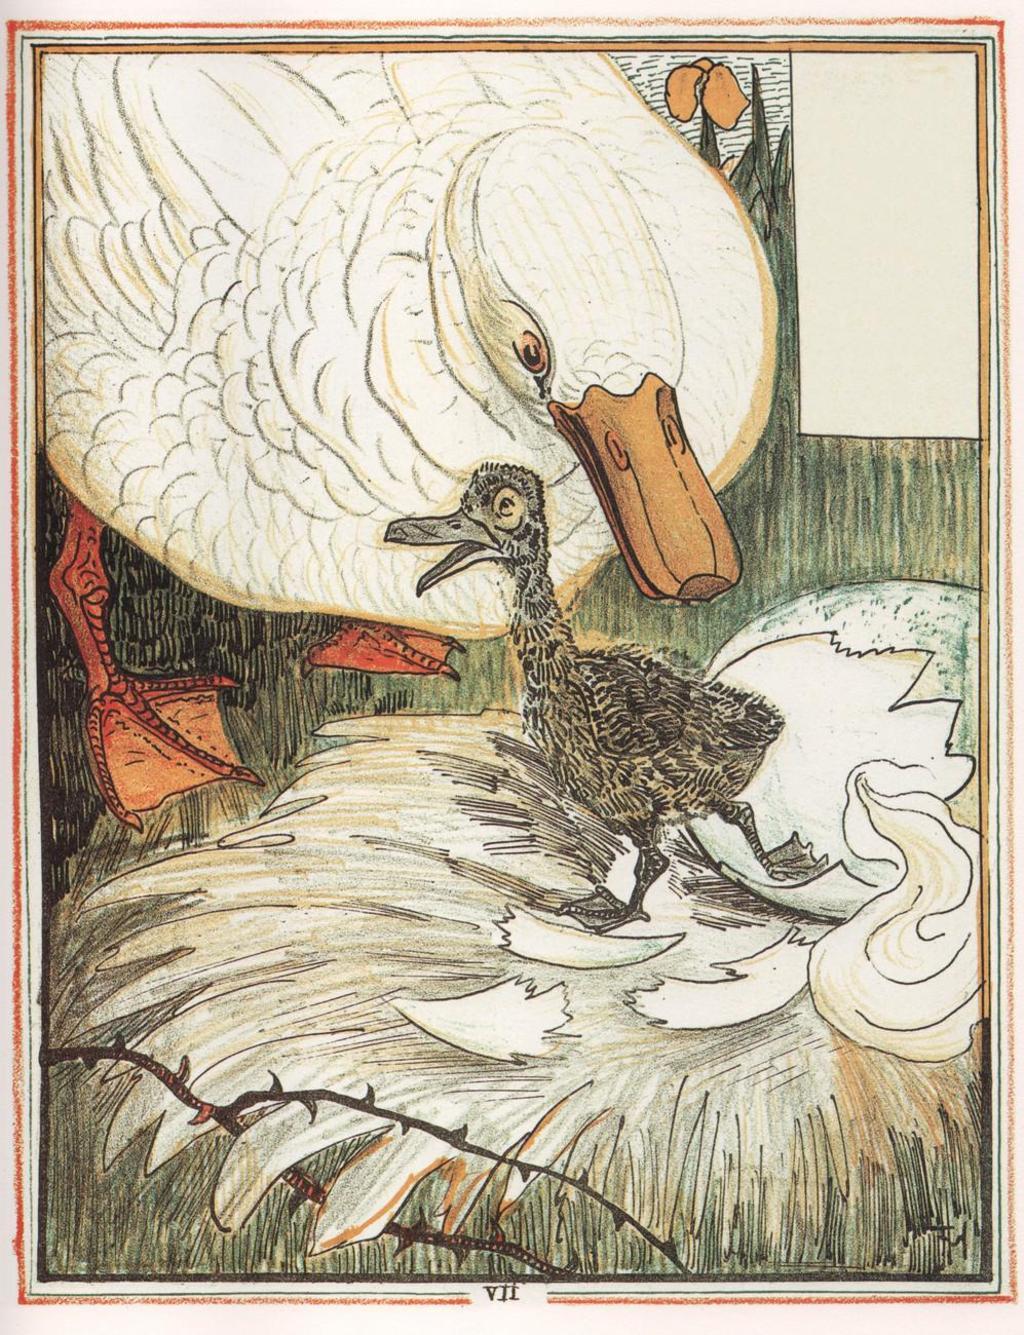 Quelle est votre premier souvenir de lecture? Le-vilain-petit-canard-8-525b2535